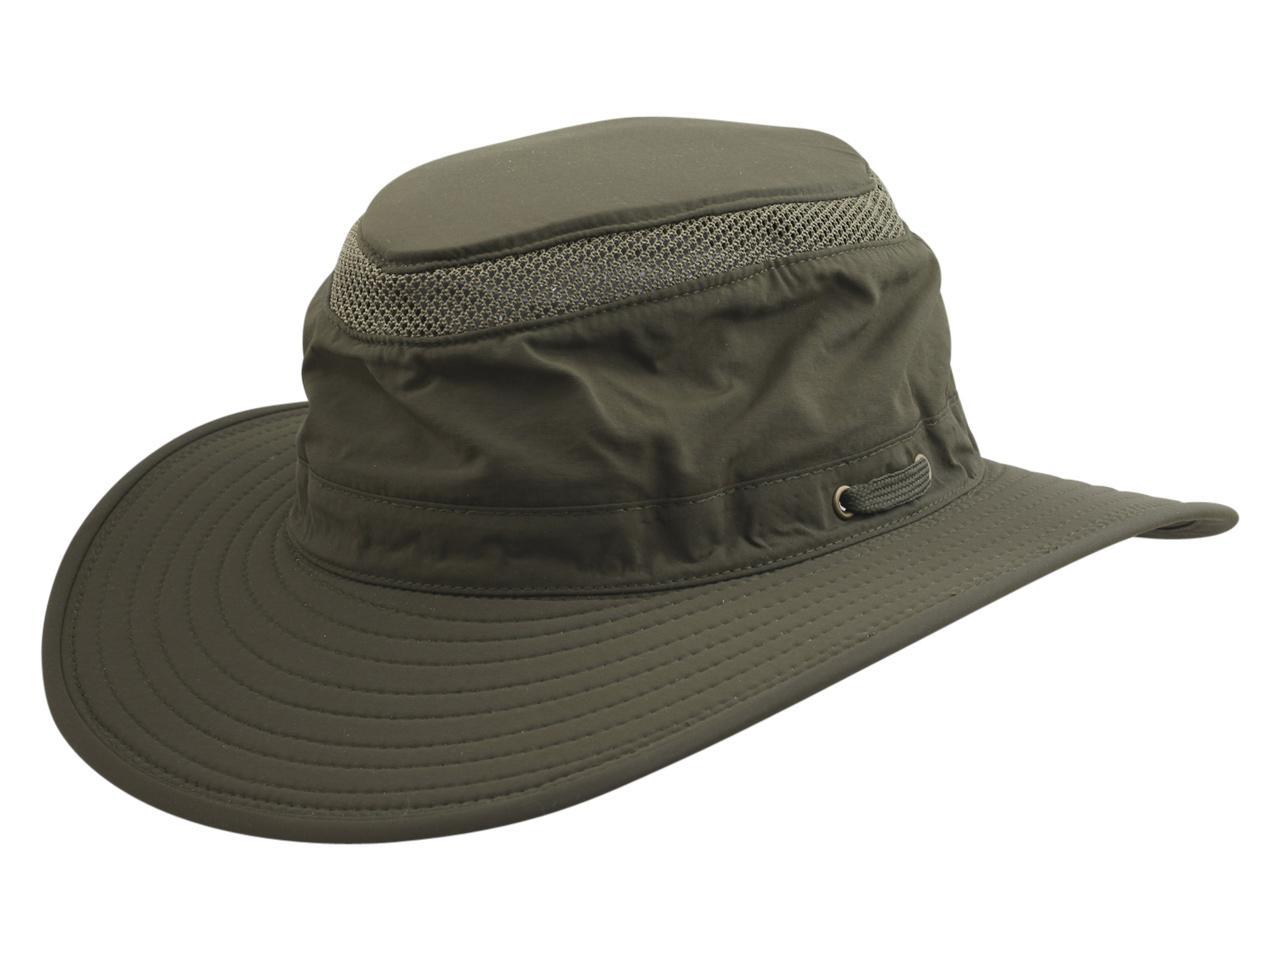 Image of Henschel Men's 10 Point Booney Hat - Olive - Large